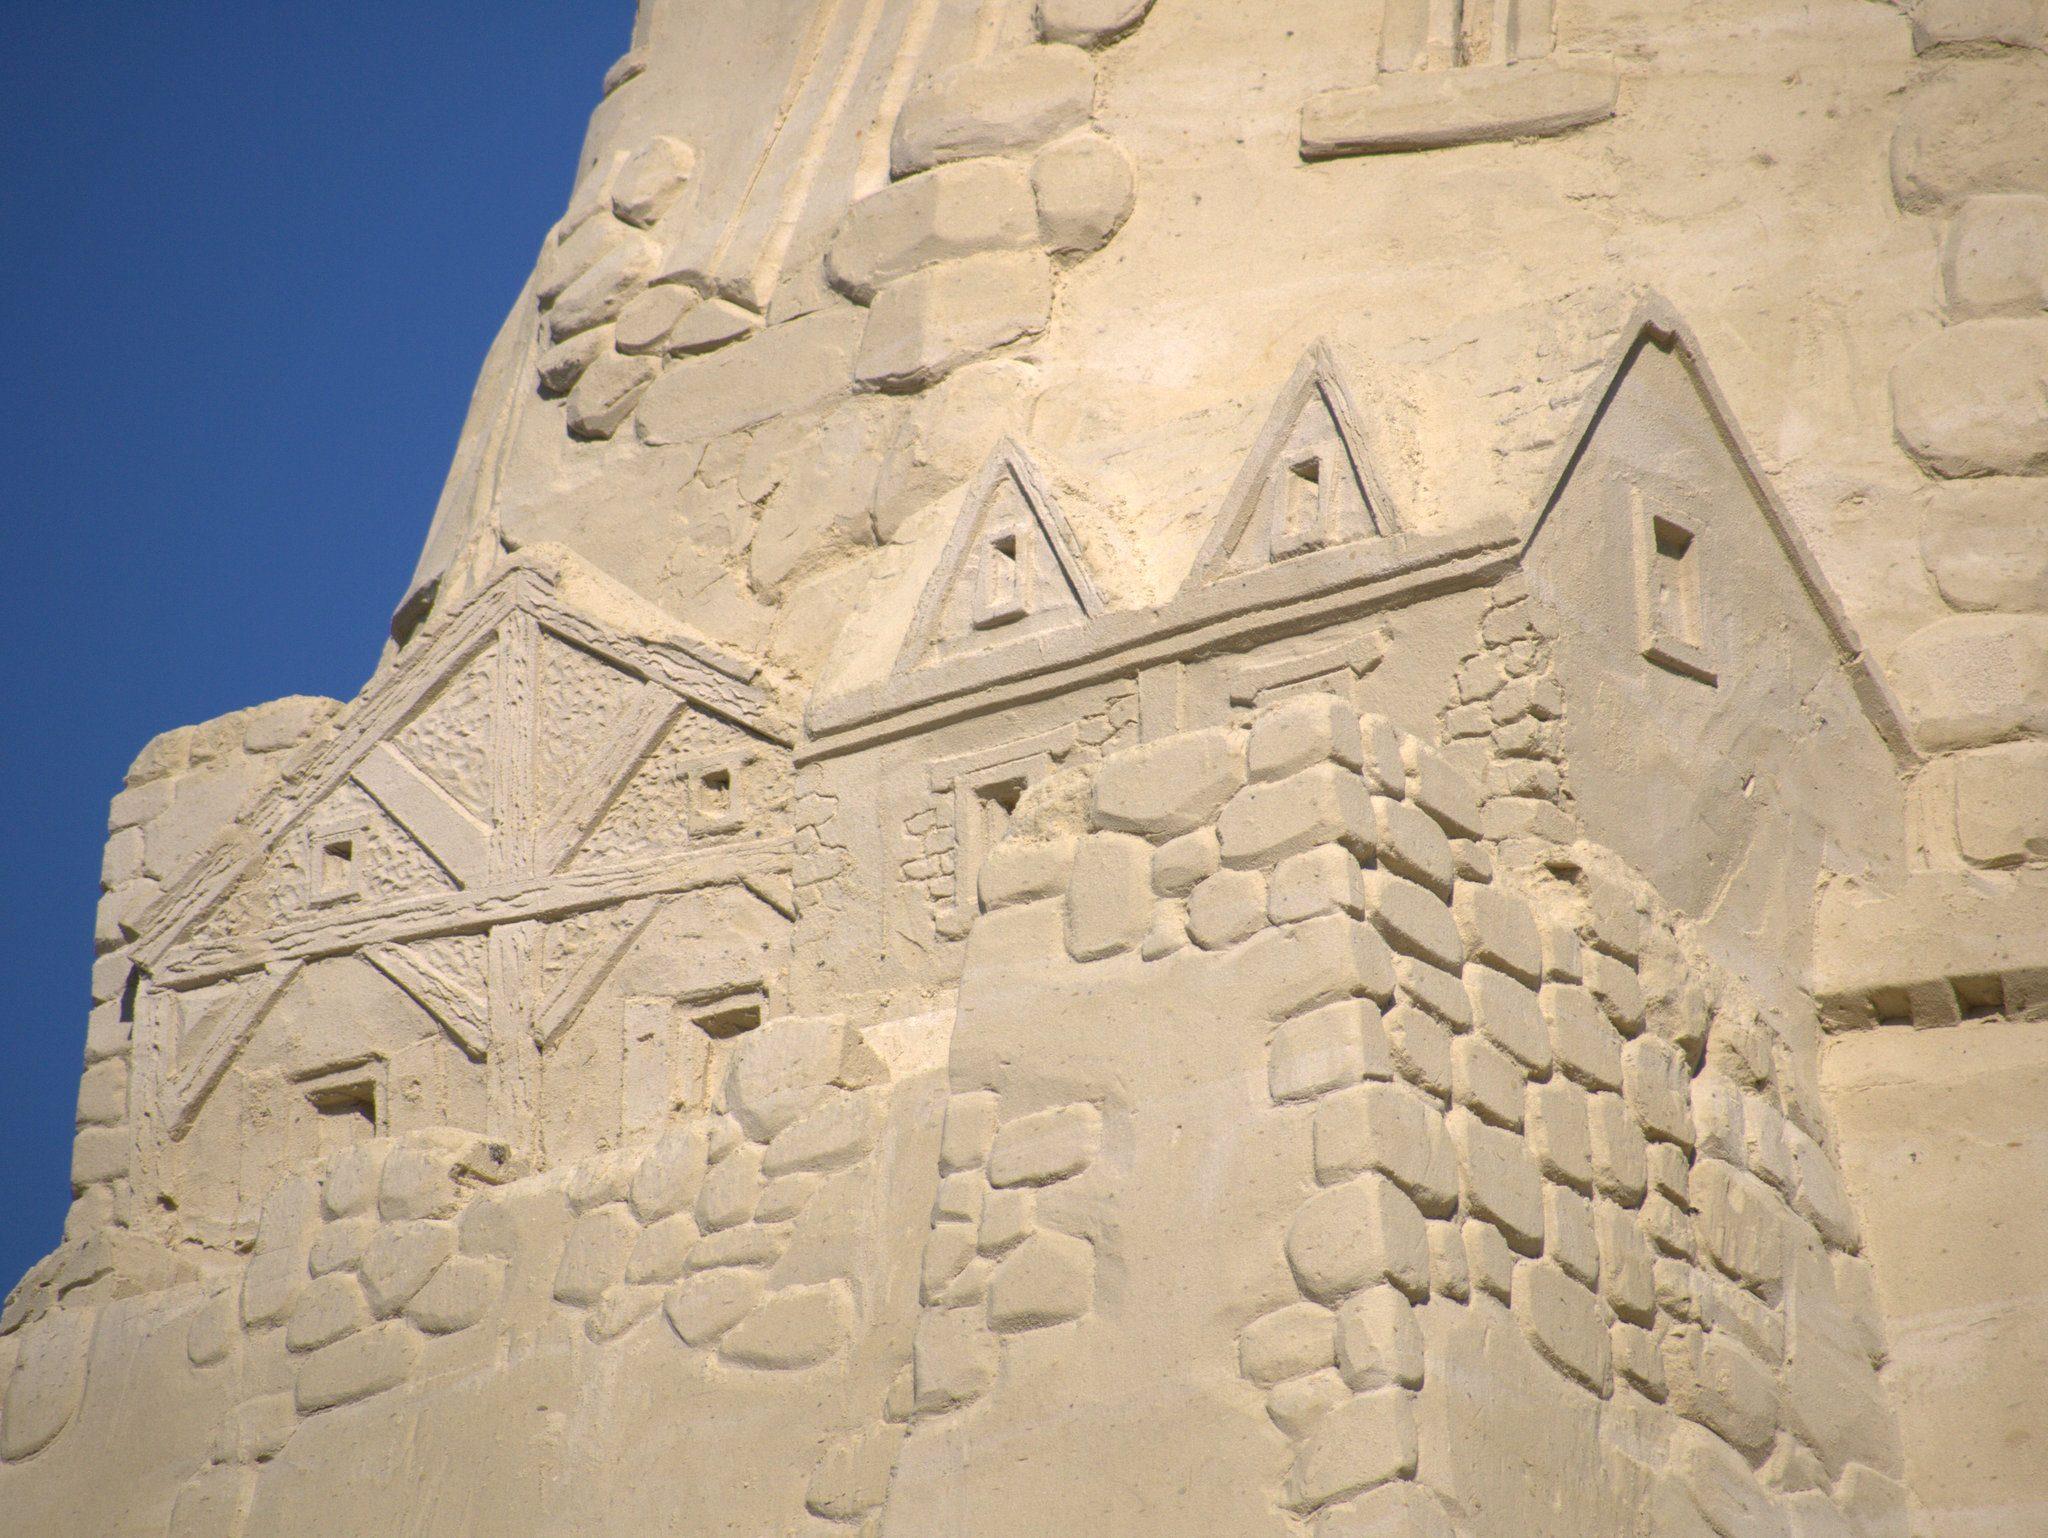 Strukturen machen Fachwerk, Steine, Holz sichtbar.